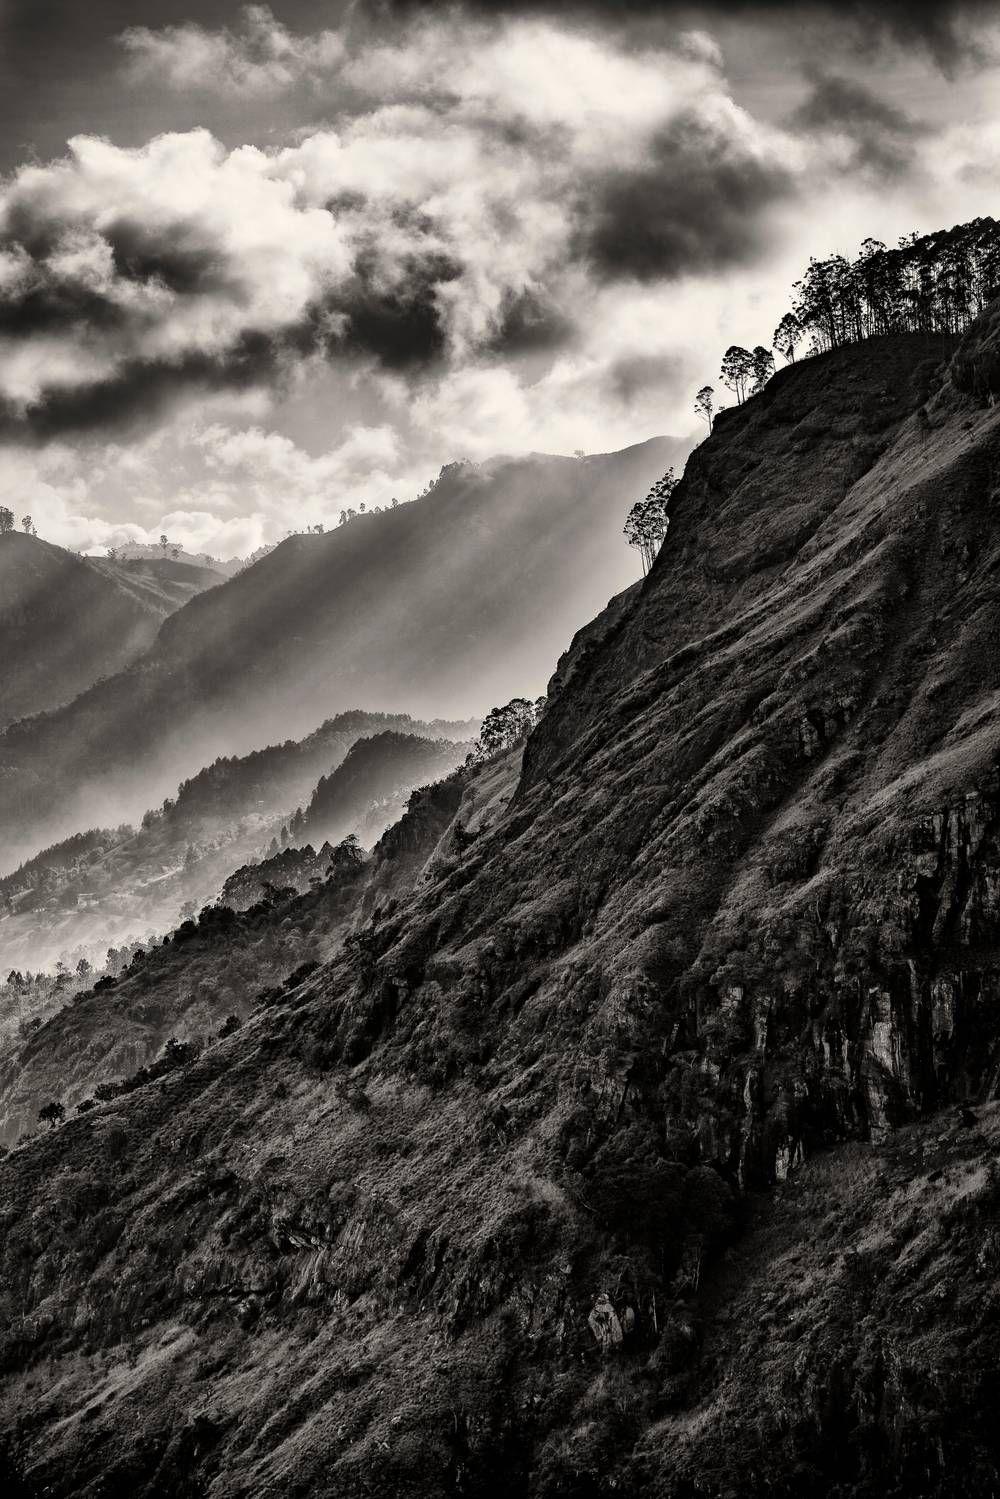 Lumiere De The Photo Noir Et Blanc Paysage Photo Noir Et Blanc Sri Lanka Photo Noir Et Blanc Paysage Photographie Artistique Paysage Paysage Noir Et Blanc